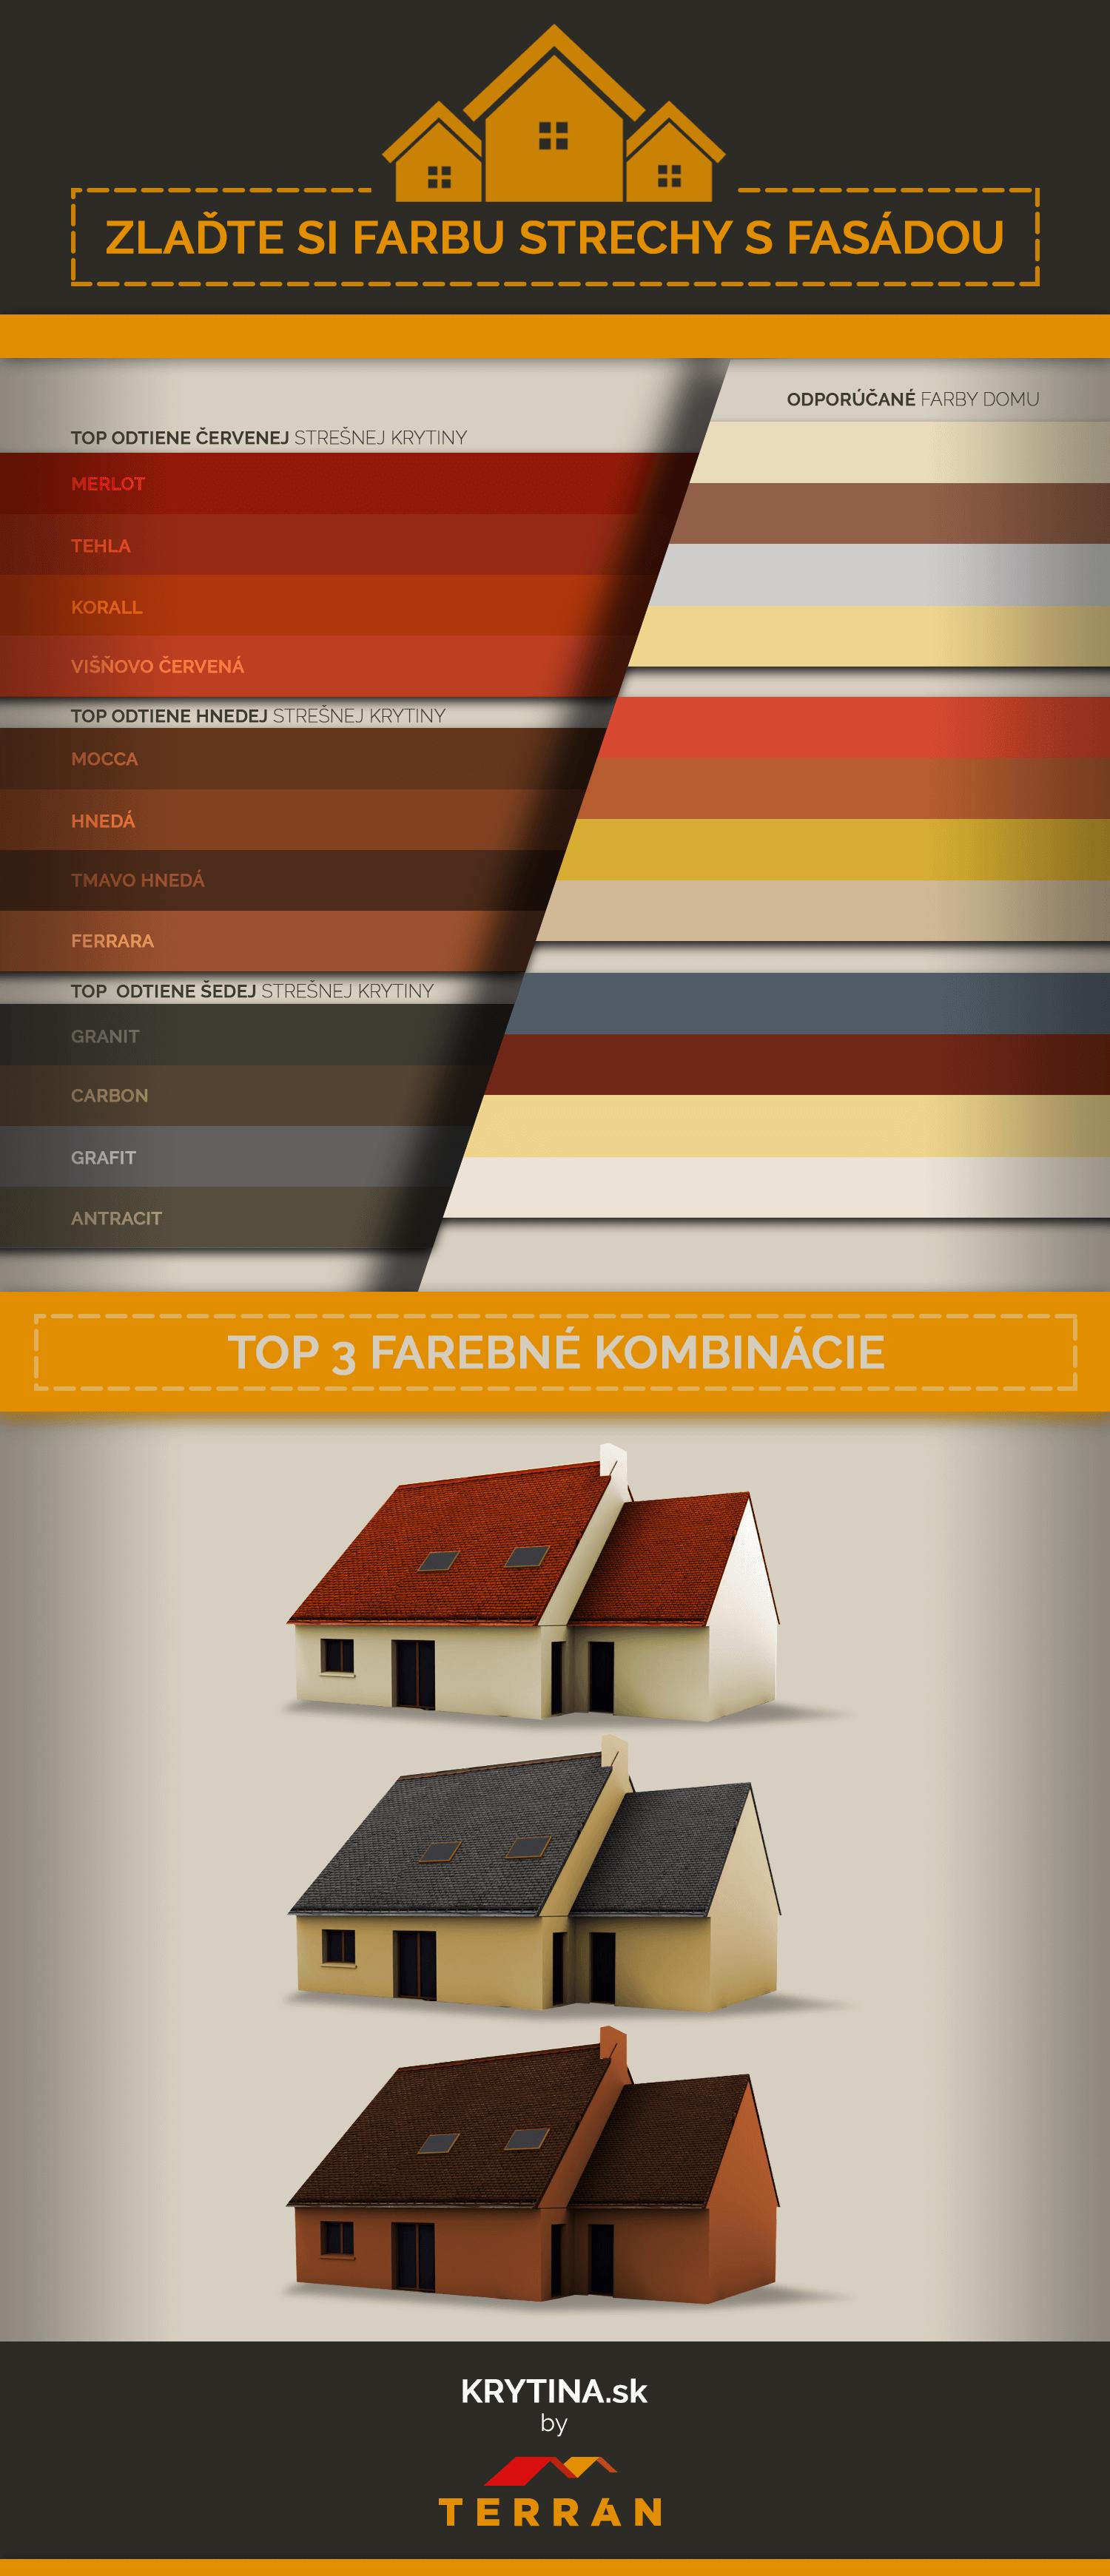 Zladte si farbu krytiny s fasadou